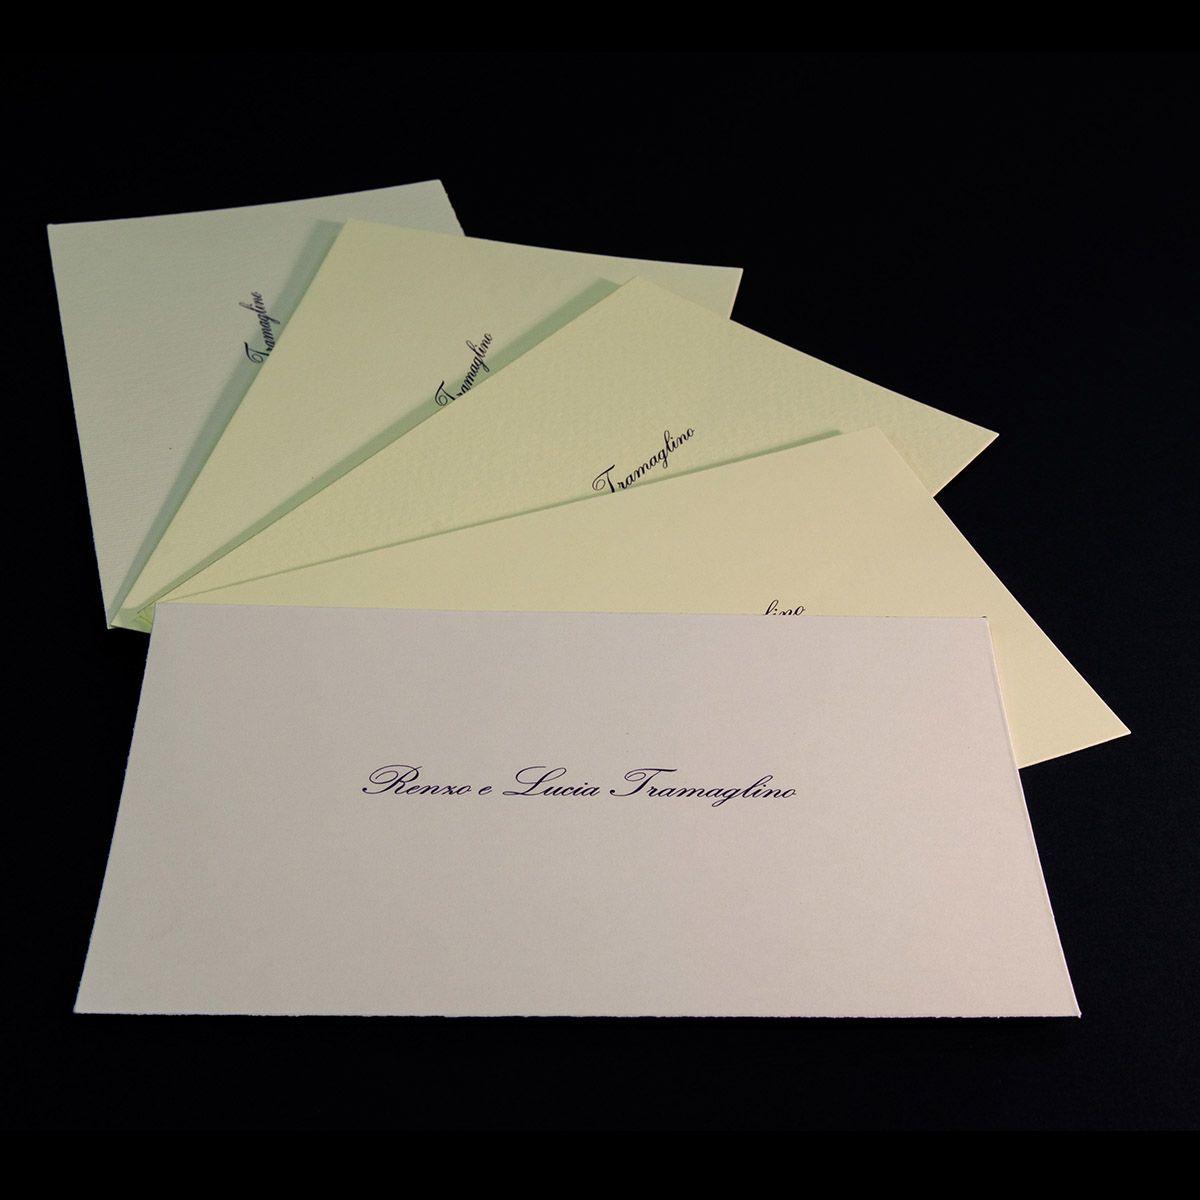 I Biglietti Di Ringraziamento O Anche Detti Di Cortesia Solitamente Sono Il Primo Stampato Della Nuova Famiglia Biglietti Di Ringraziamento Stampe Biglietto